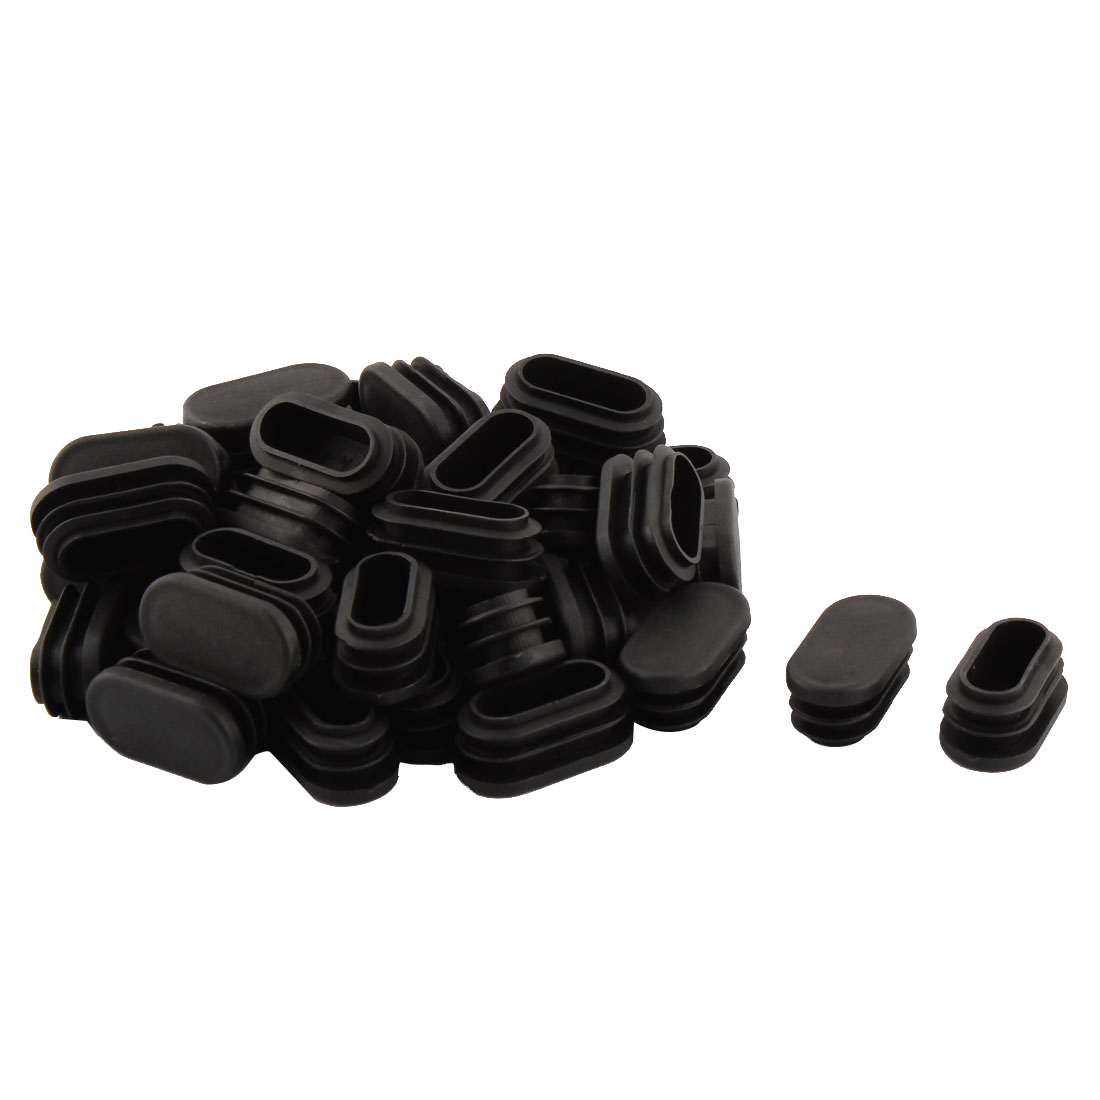 Household Plastic Rectangular Shaped Chair Leg Tube Pipe Insert Black 4 x 2cm 40 PCS